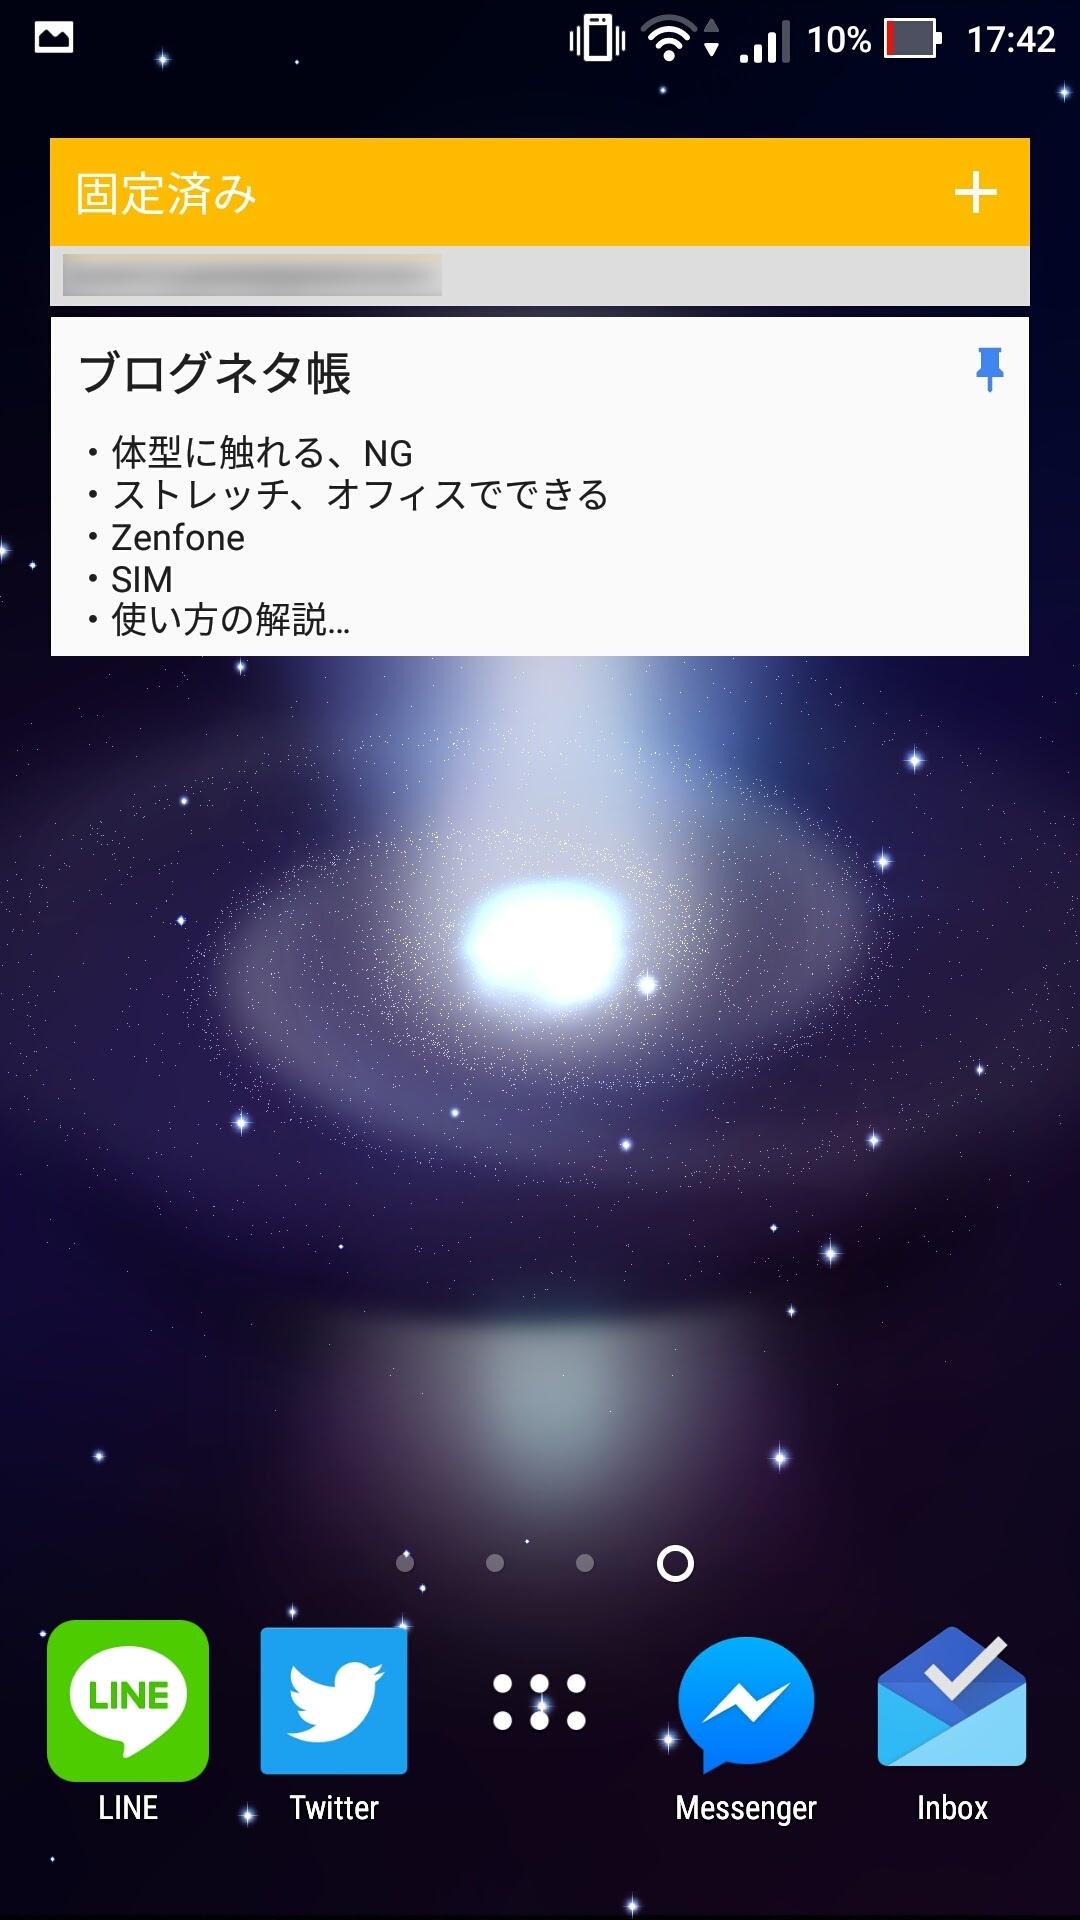 Screenshot 20170119 174257a